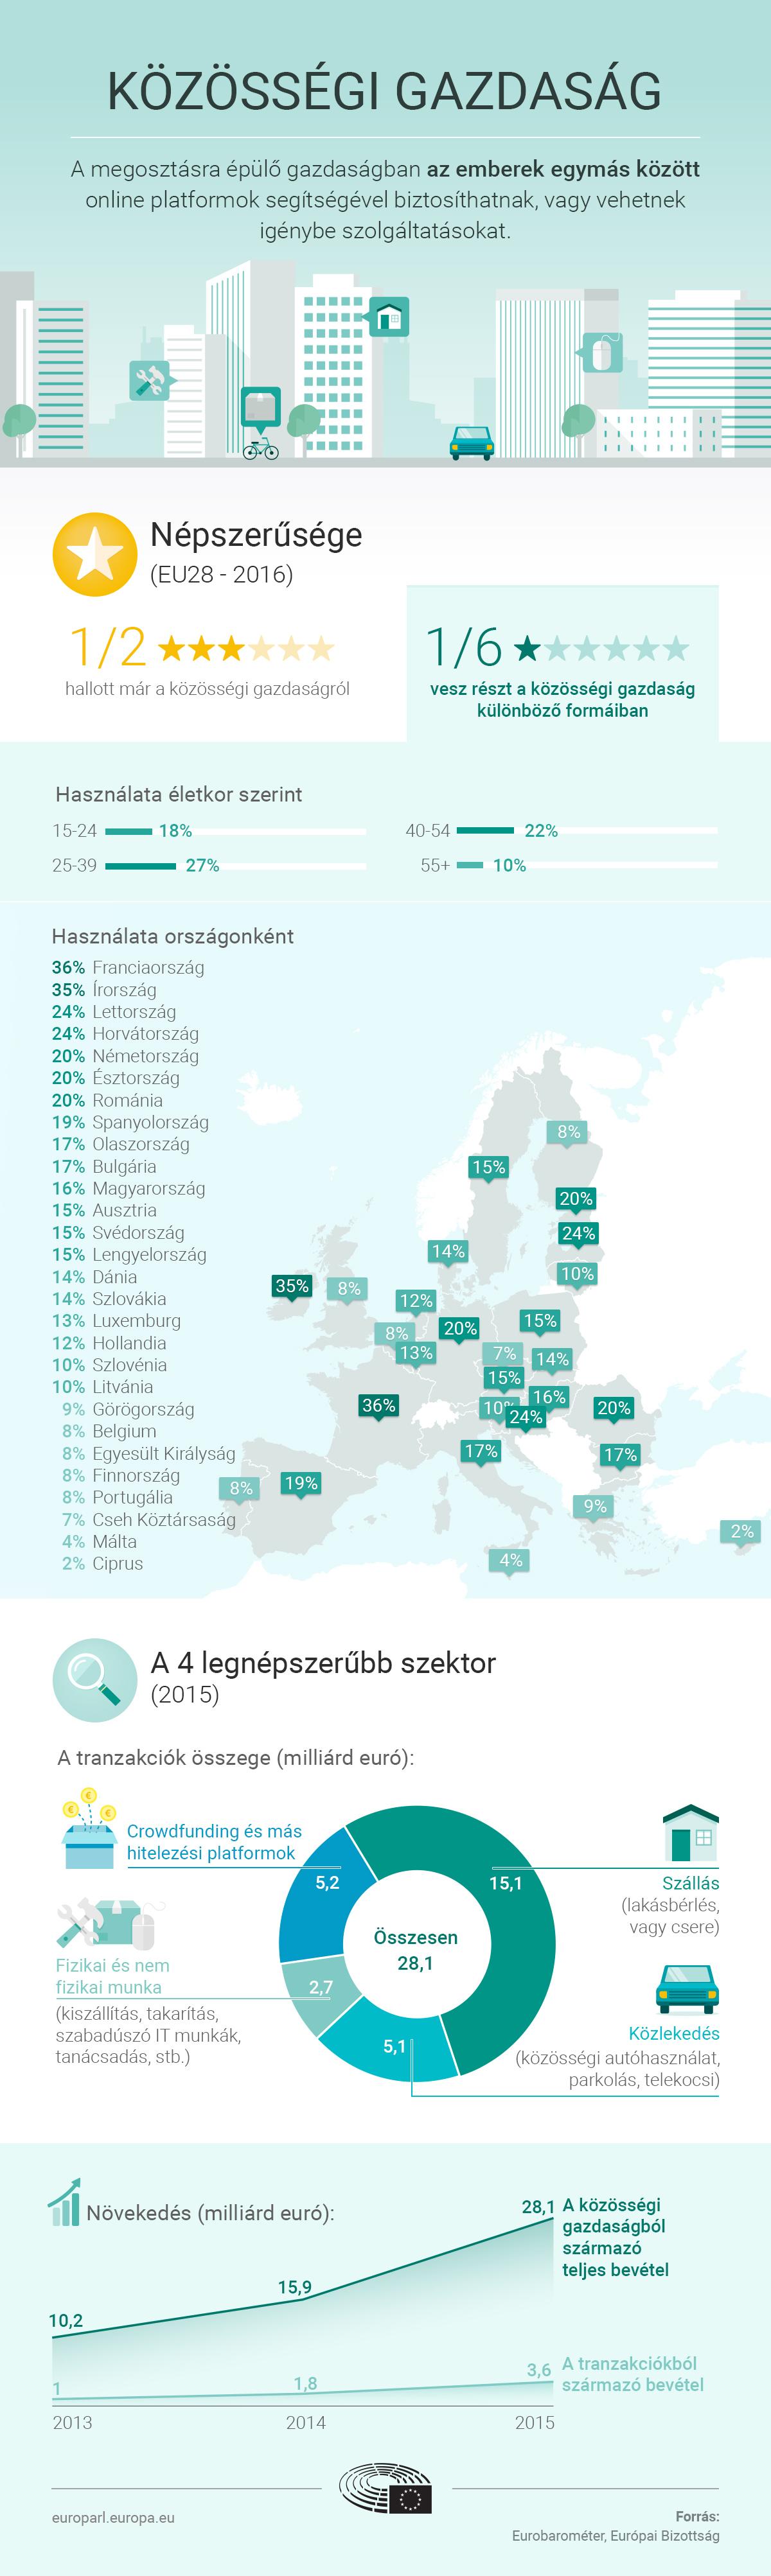 07fbdcecaf Airbnb és társai: infografika a megosztásra épülő gazdaságról